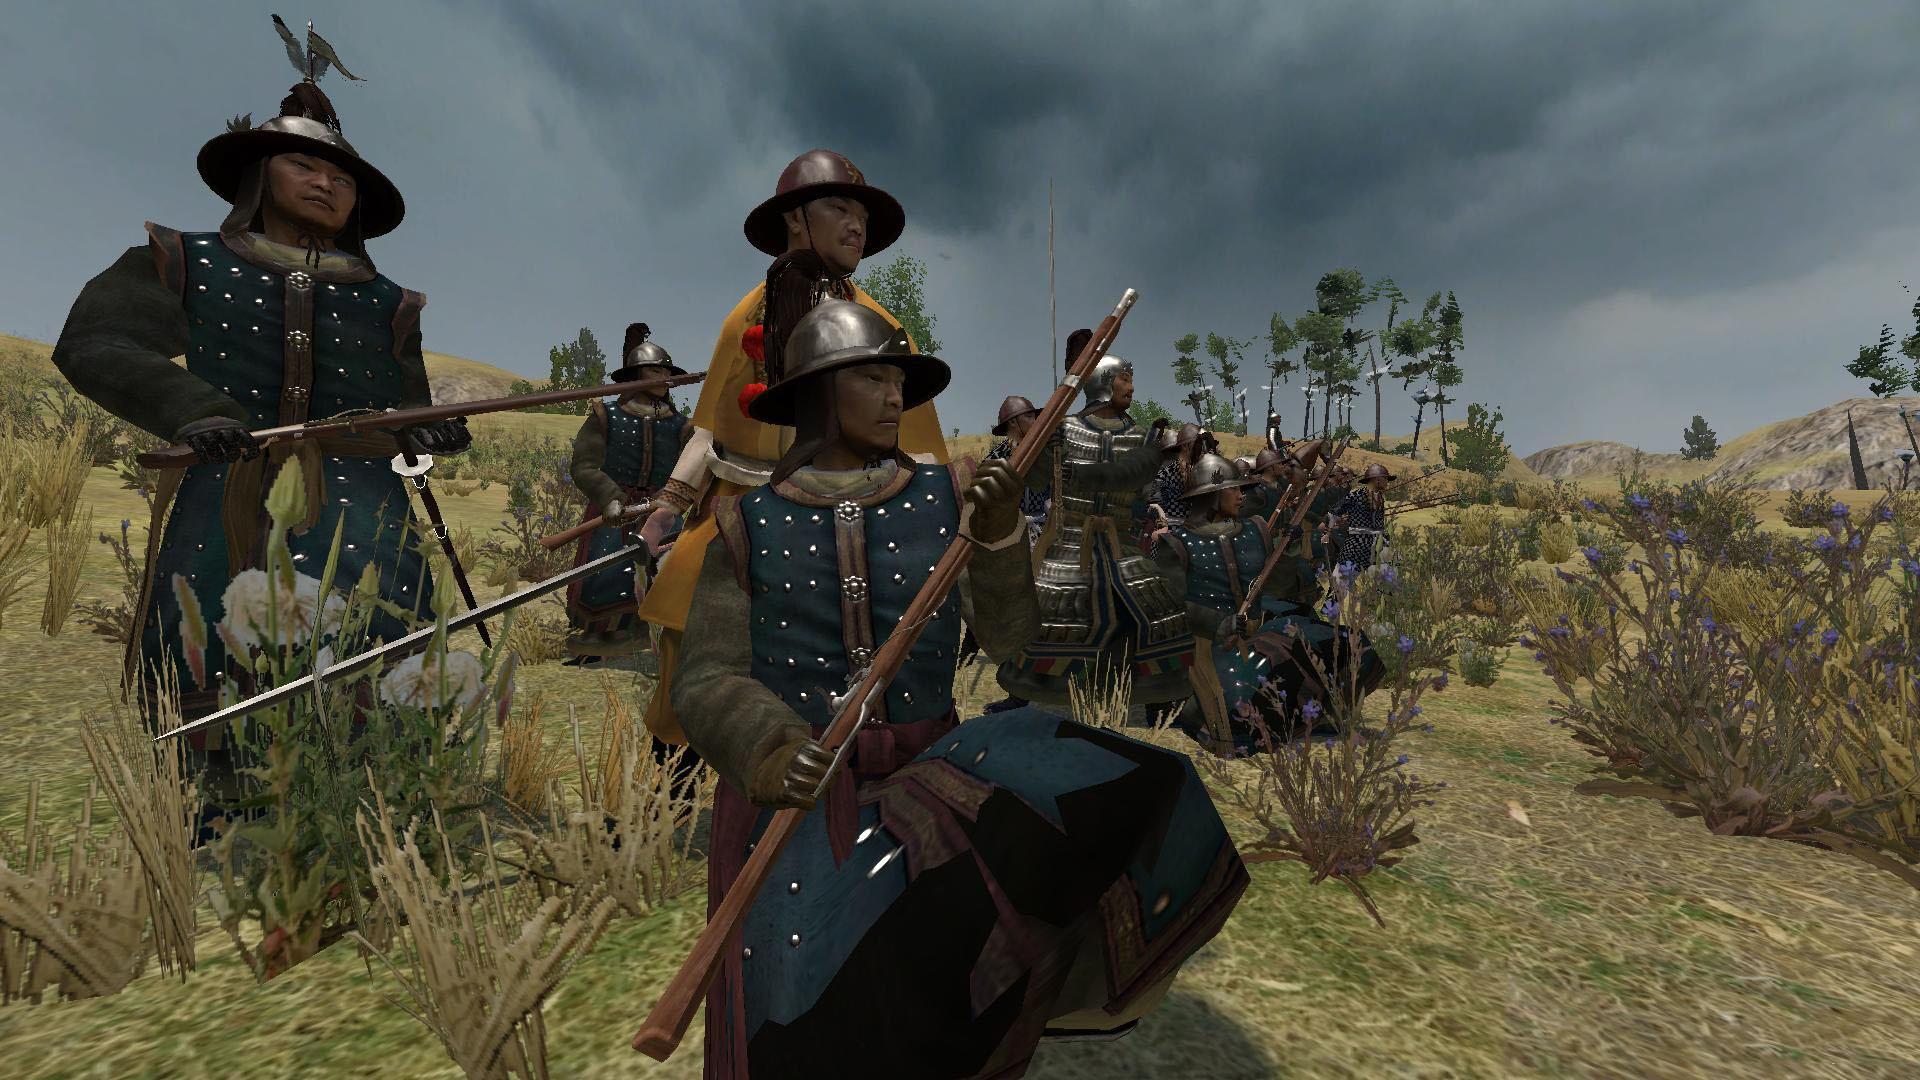 预览与砍杀:大明远征军中图片女子骑马门球文版开幕式图片